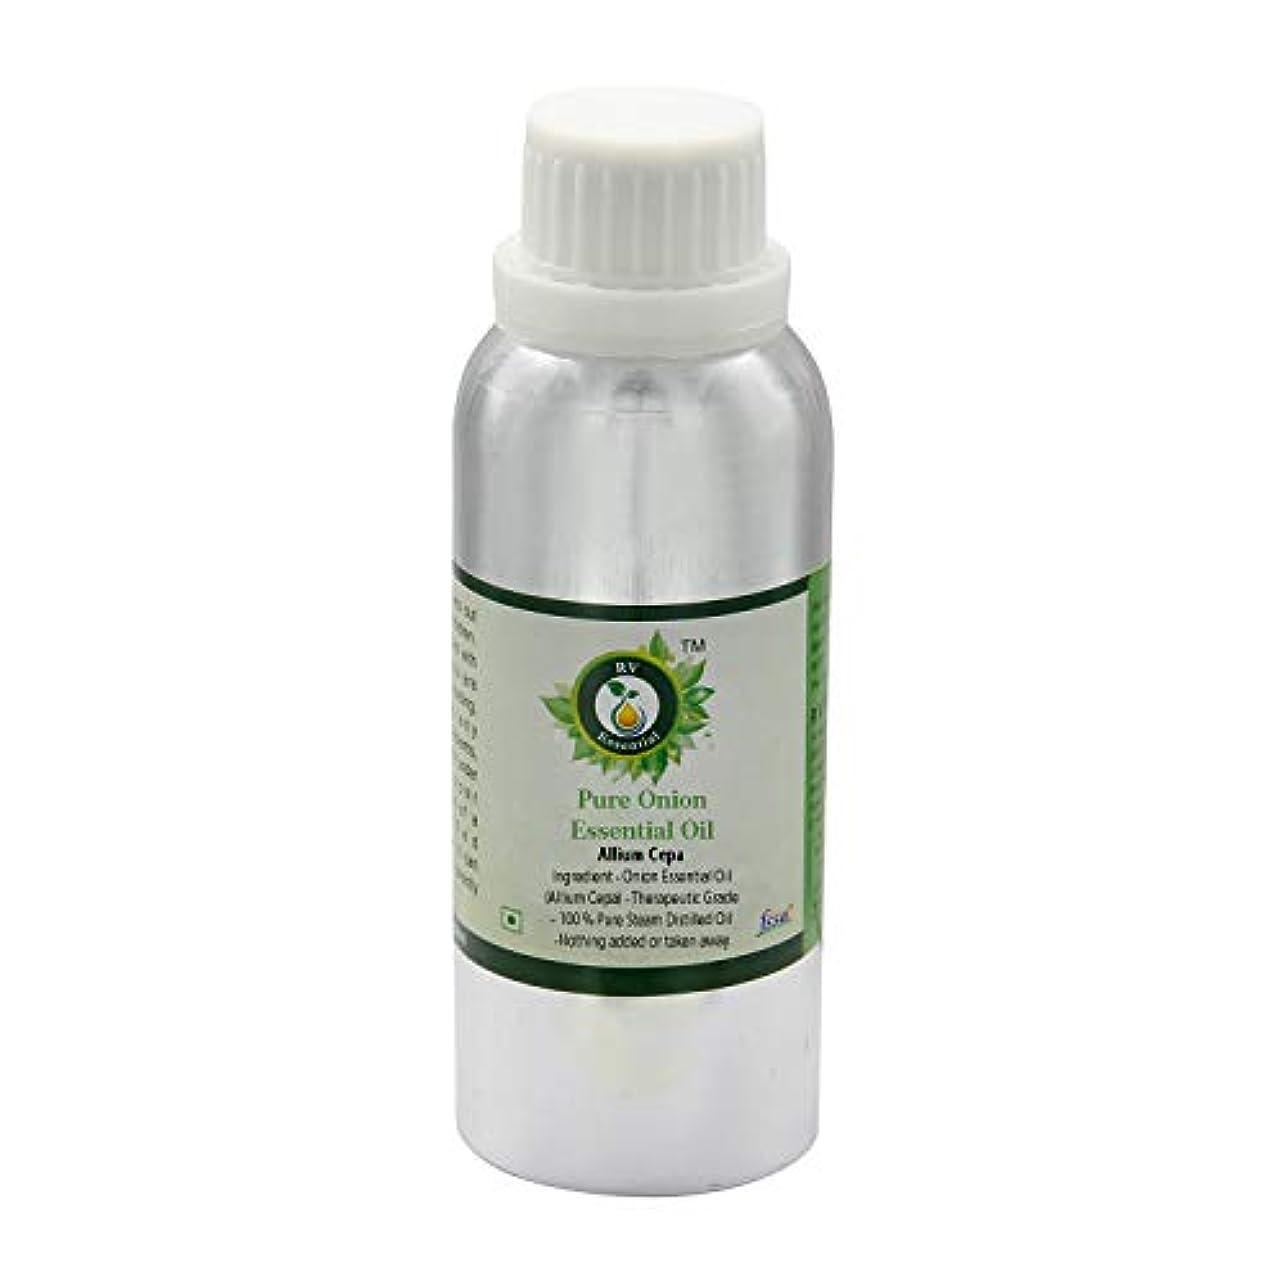 プロペラチョーク国籍ピュアエッセンシャルオイルオニオン630ml (21oz)- Allium Cepa (100%純粋&天然スチームDistilled) Pure Onion Essential Oil